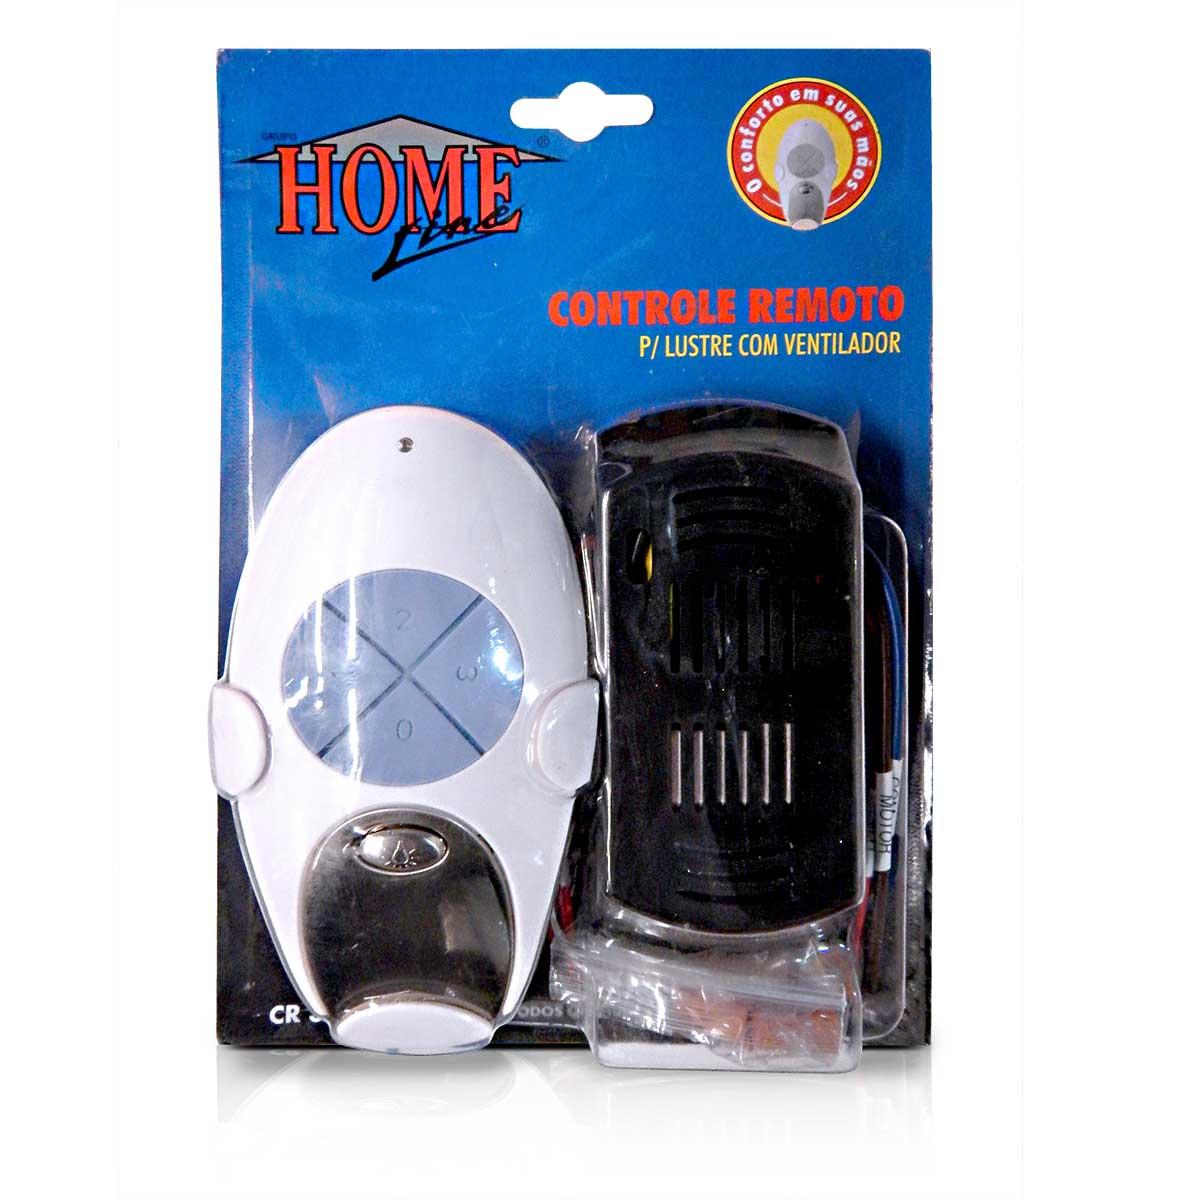 Controle Remoto Universal Para Ventilador De Teto Home Line